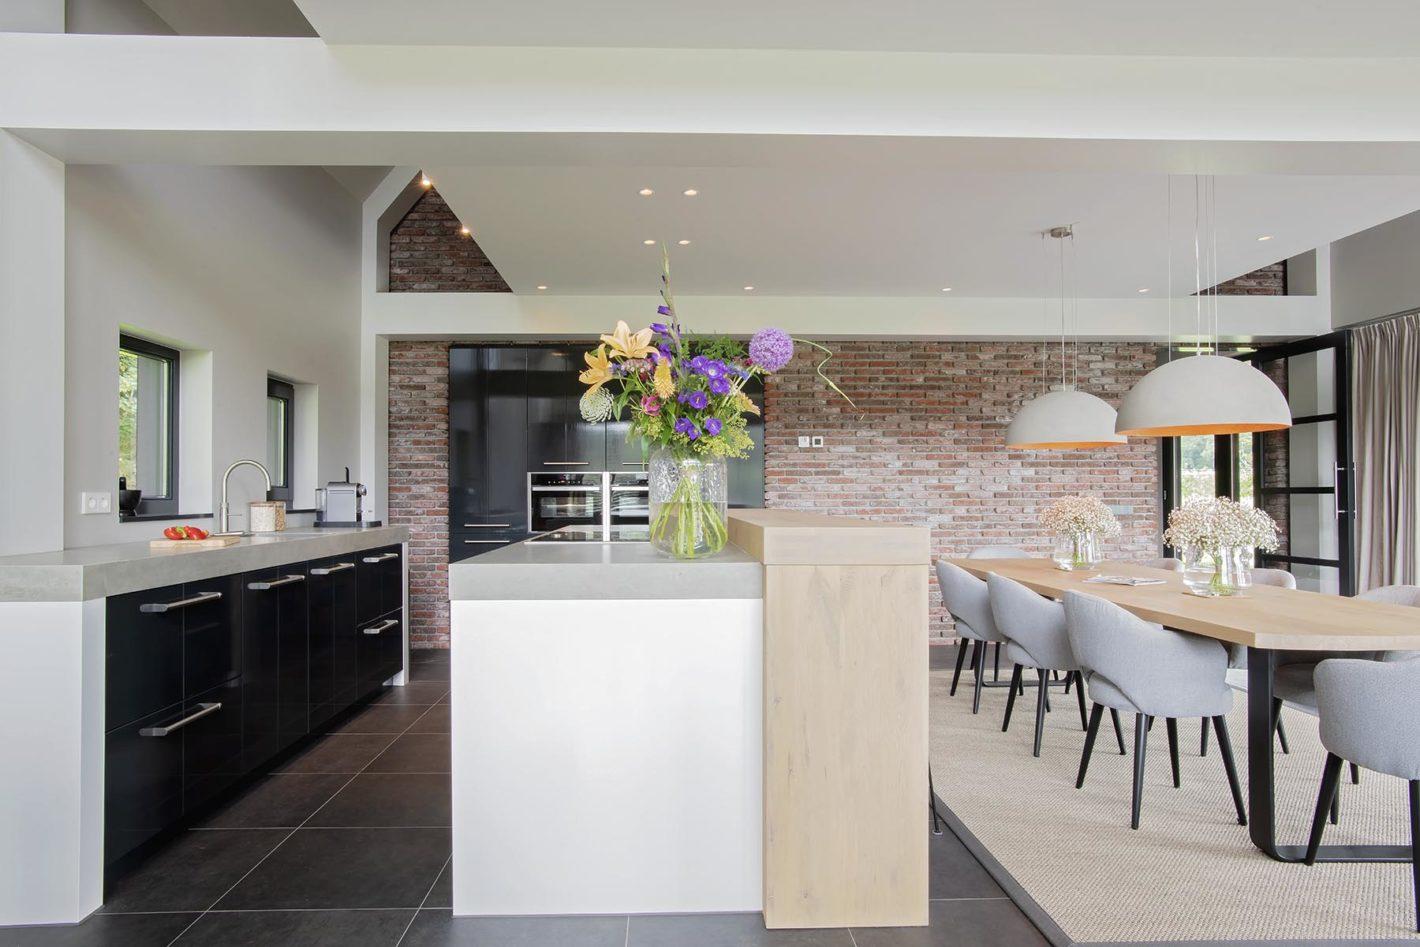 Maatwerk keuken. Middelpunt woonkamer